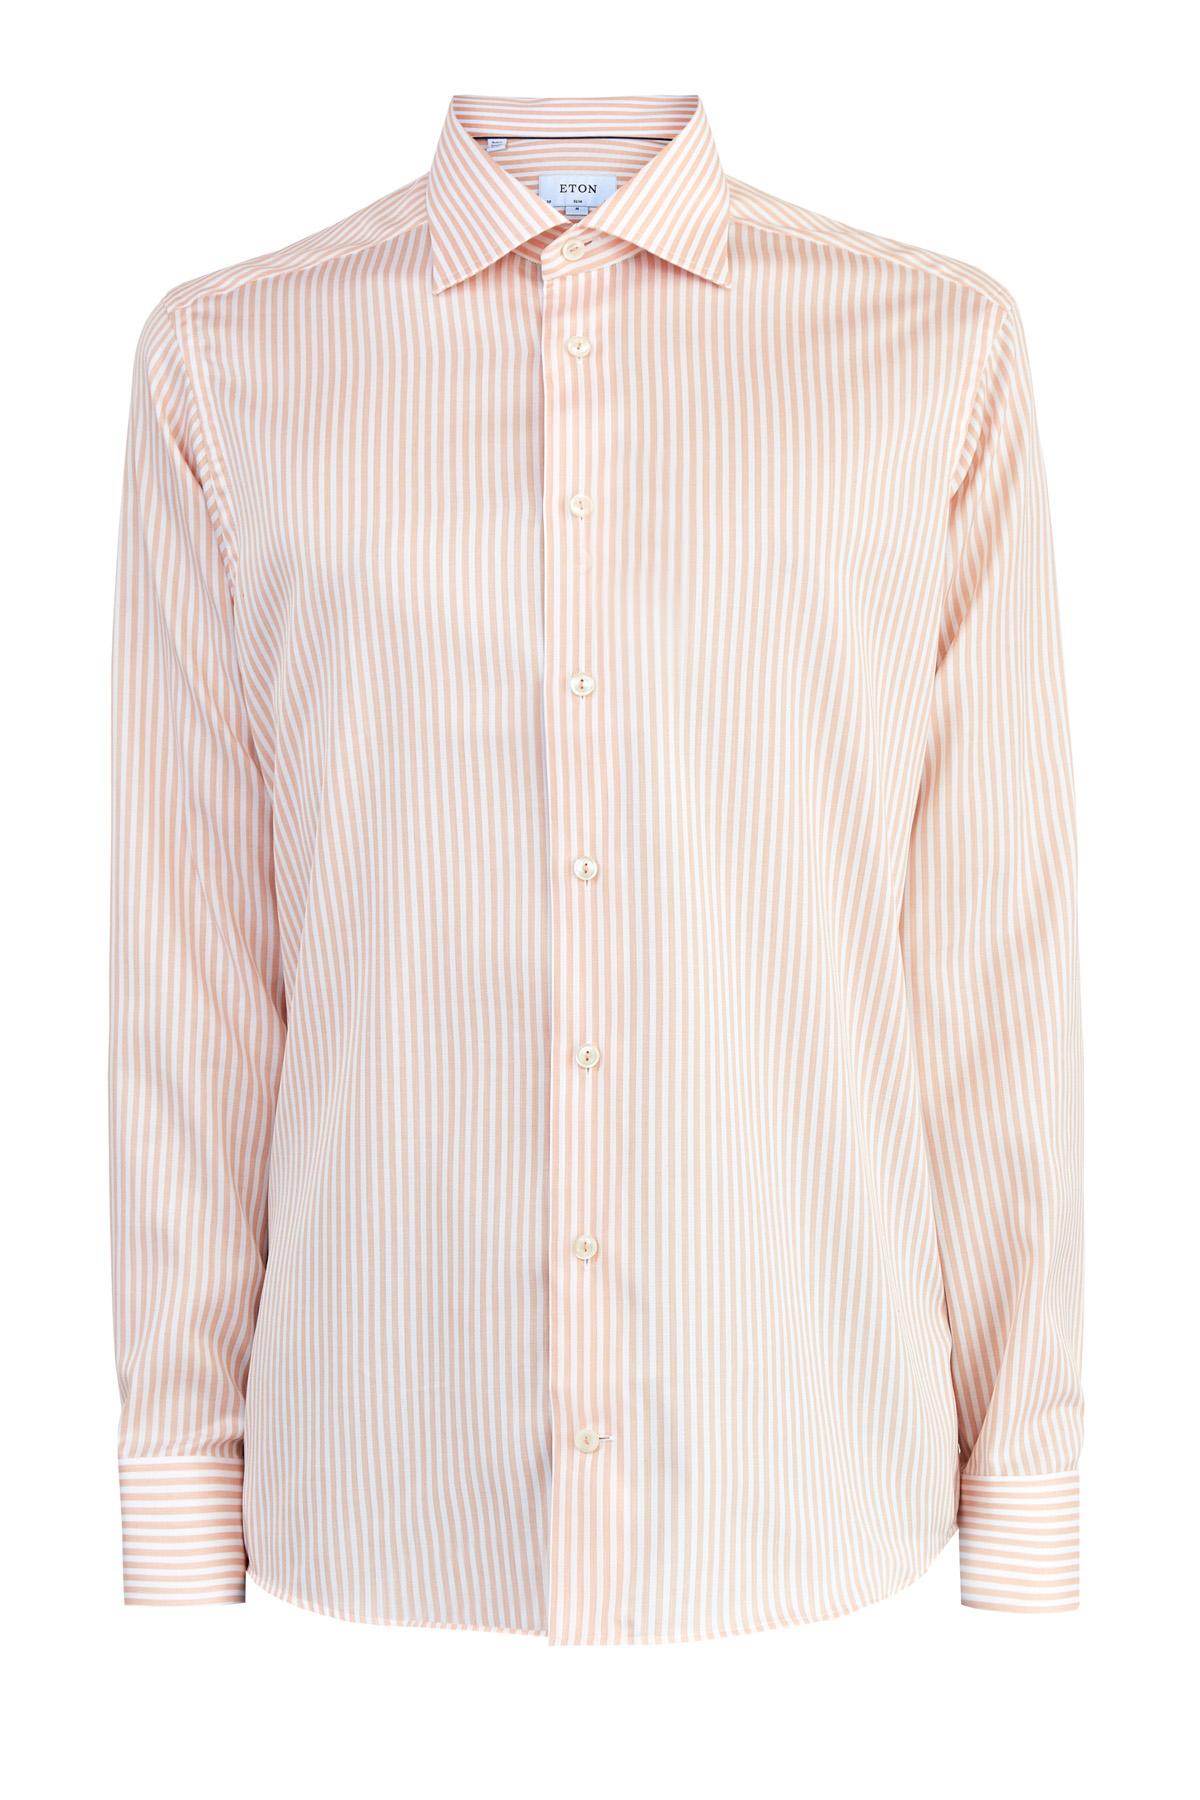 Приталенная рубашка Slim Fit из поплина с принтом в полоску